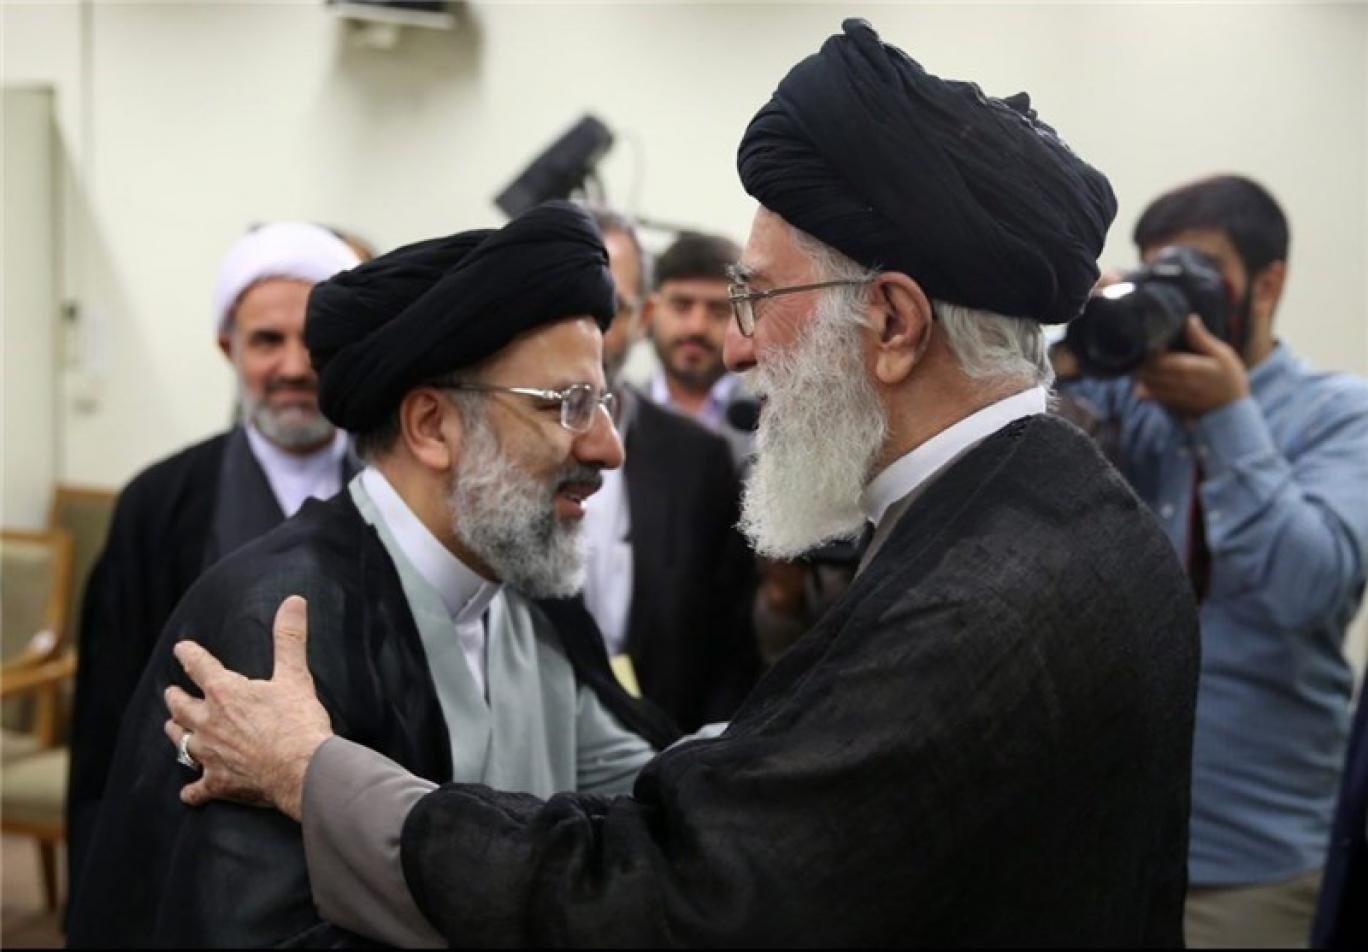 سند امنیت قضاییِ «عضو هیئت مرگ زندانیان ۶۷» امنیت قضایی در جمهوری اسلامی ایران ناممکن است